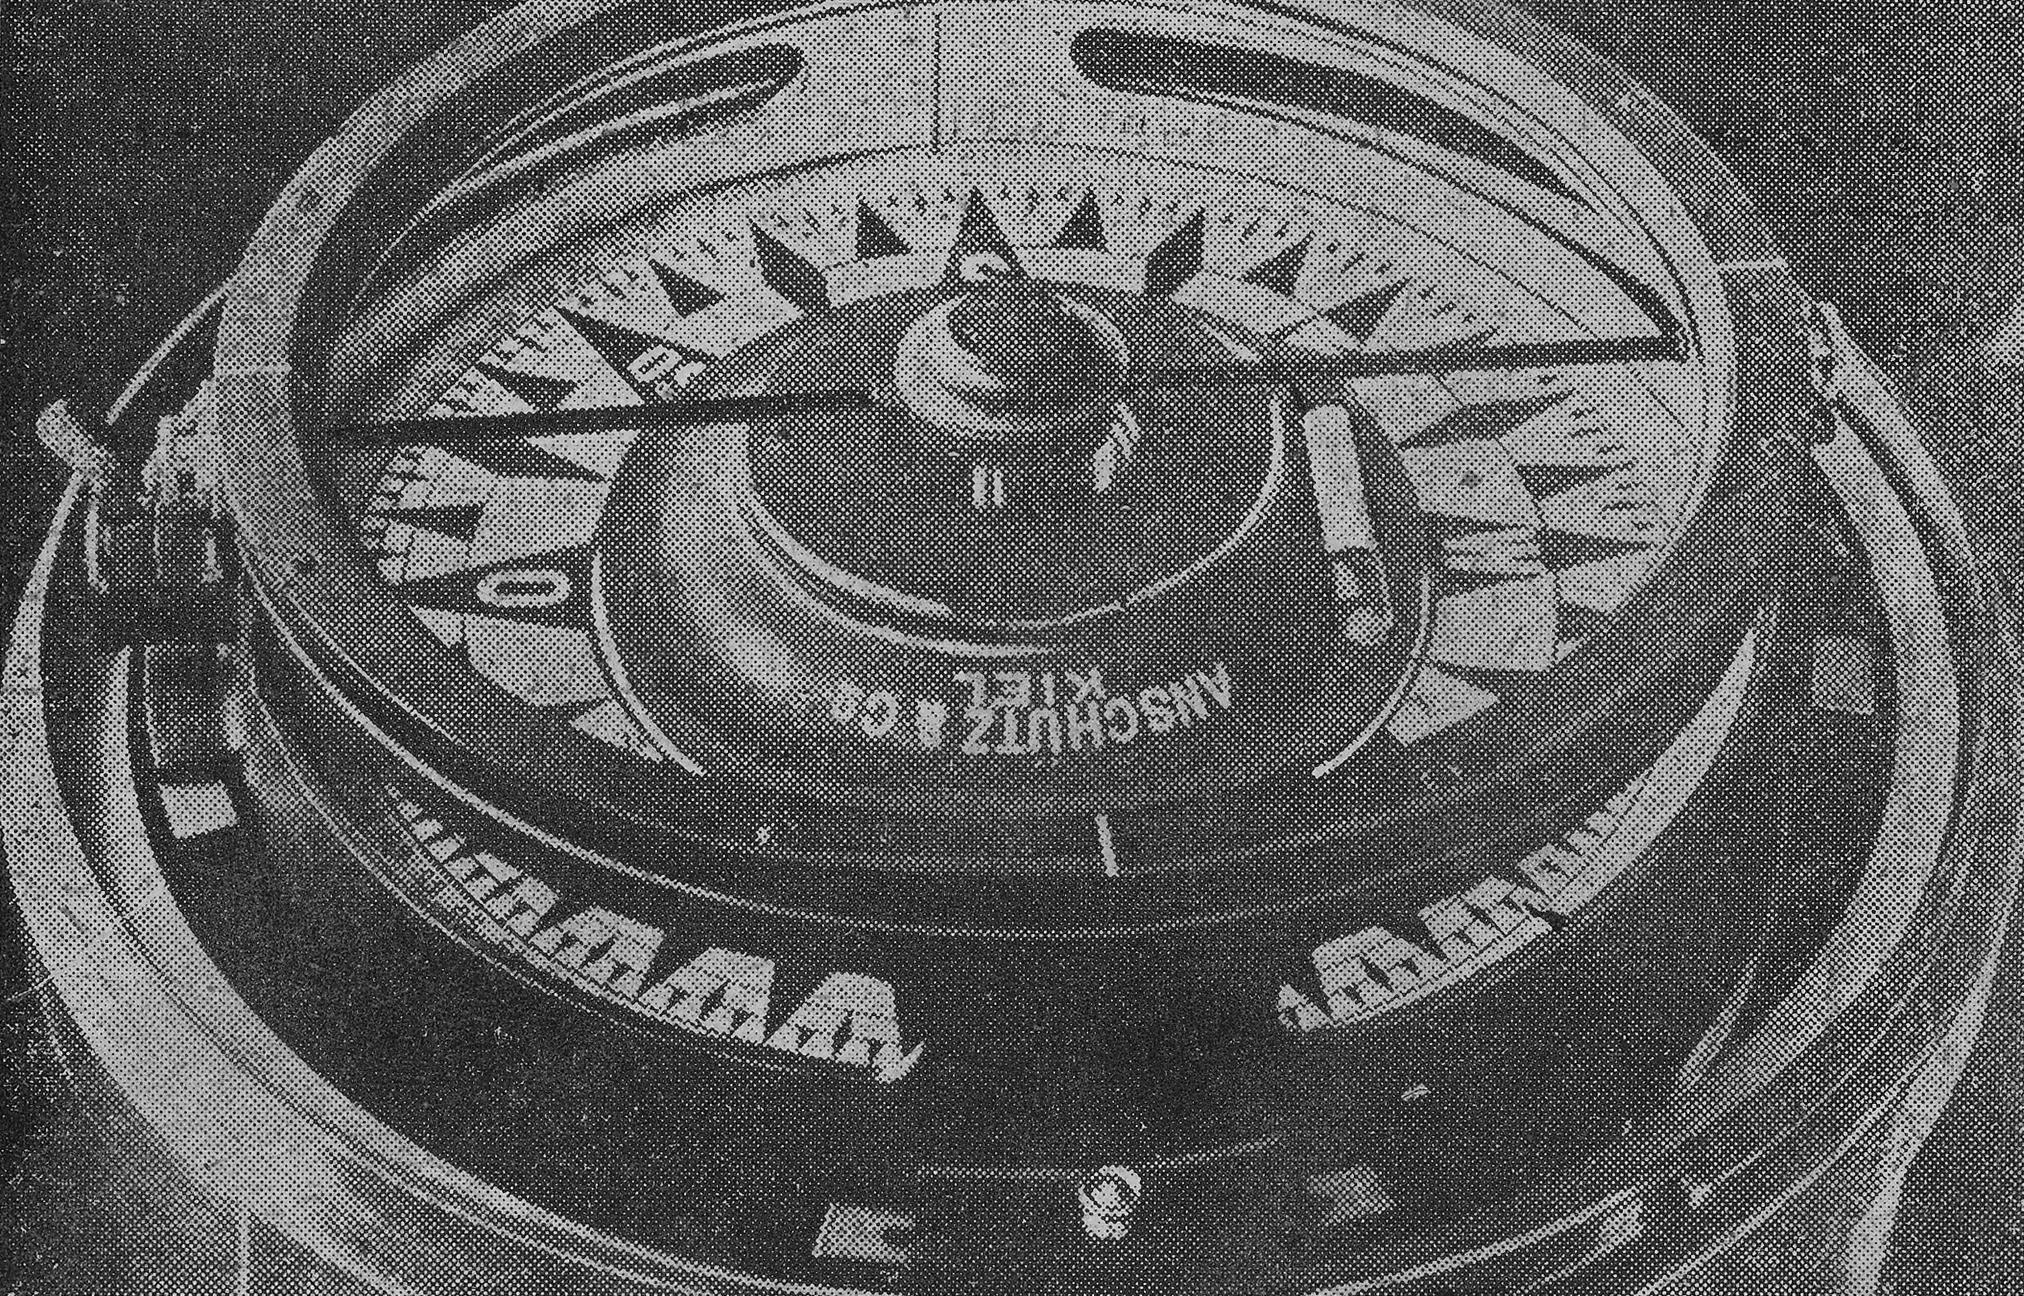 Dadanaut auf Reise, mit Kompass